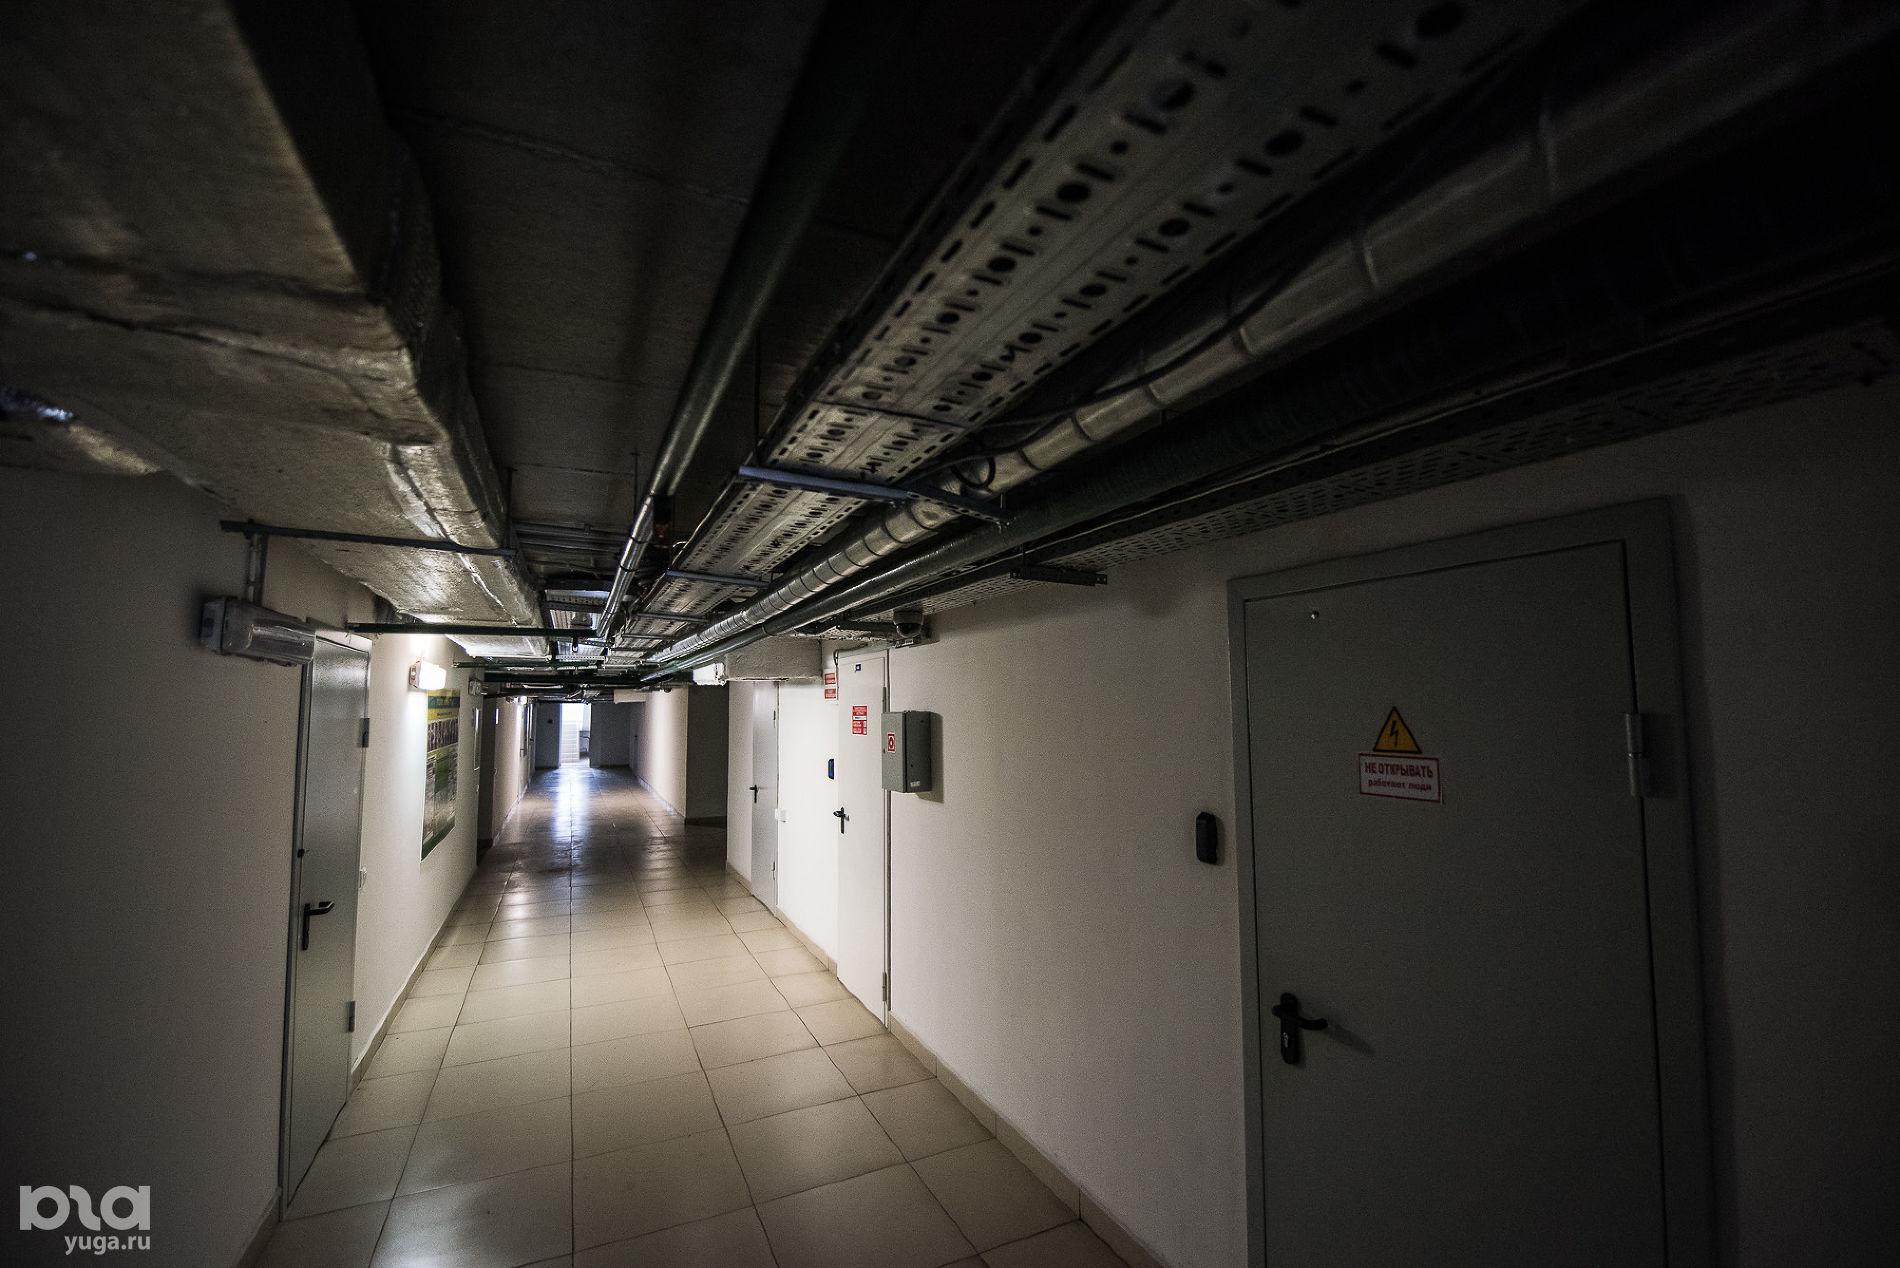 Технический этаж «Баскет-холла» ©Фото Елены Синеок, Юга.ру